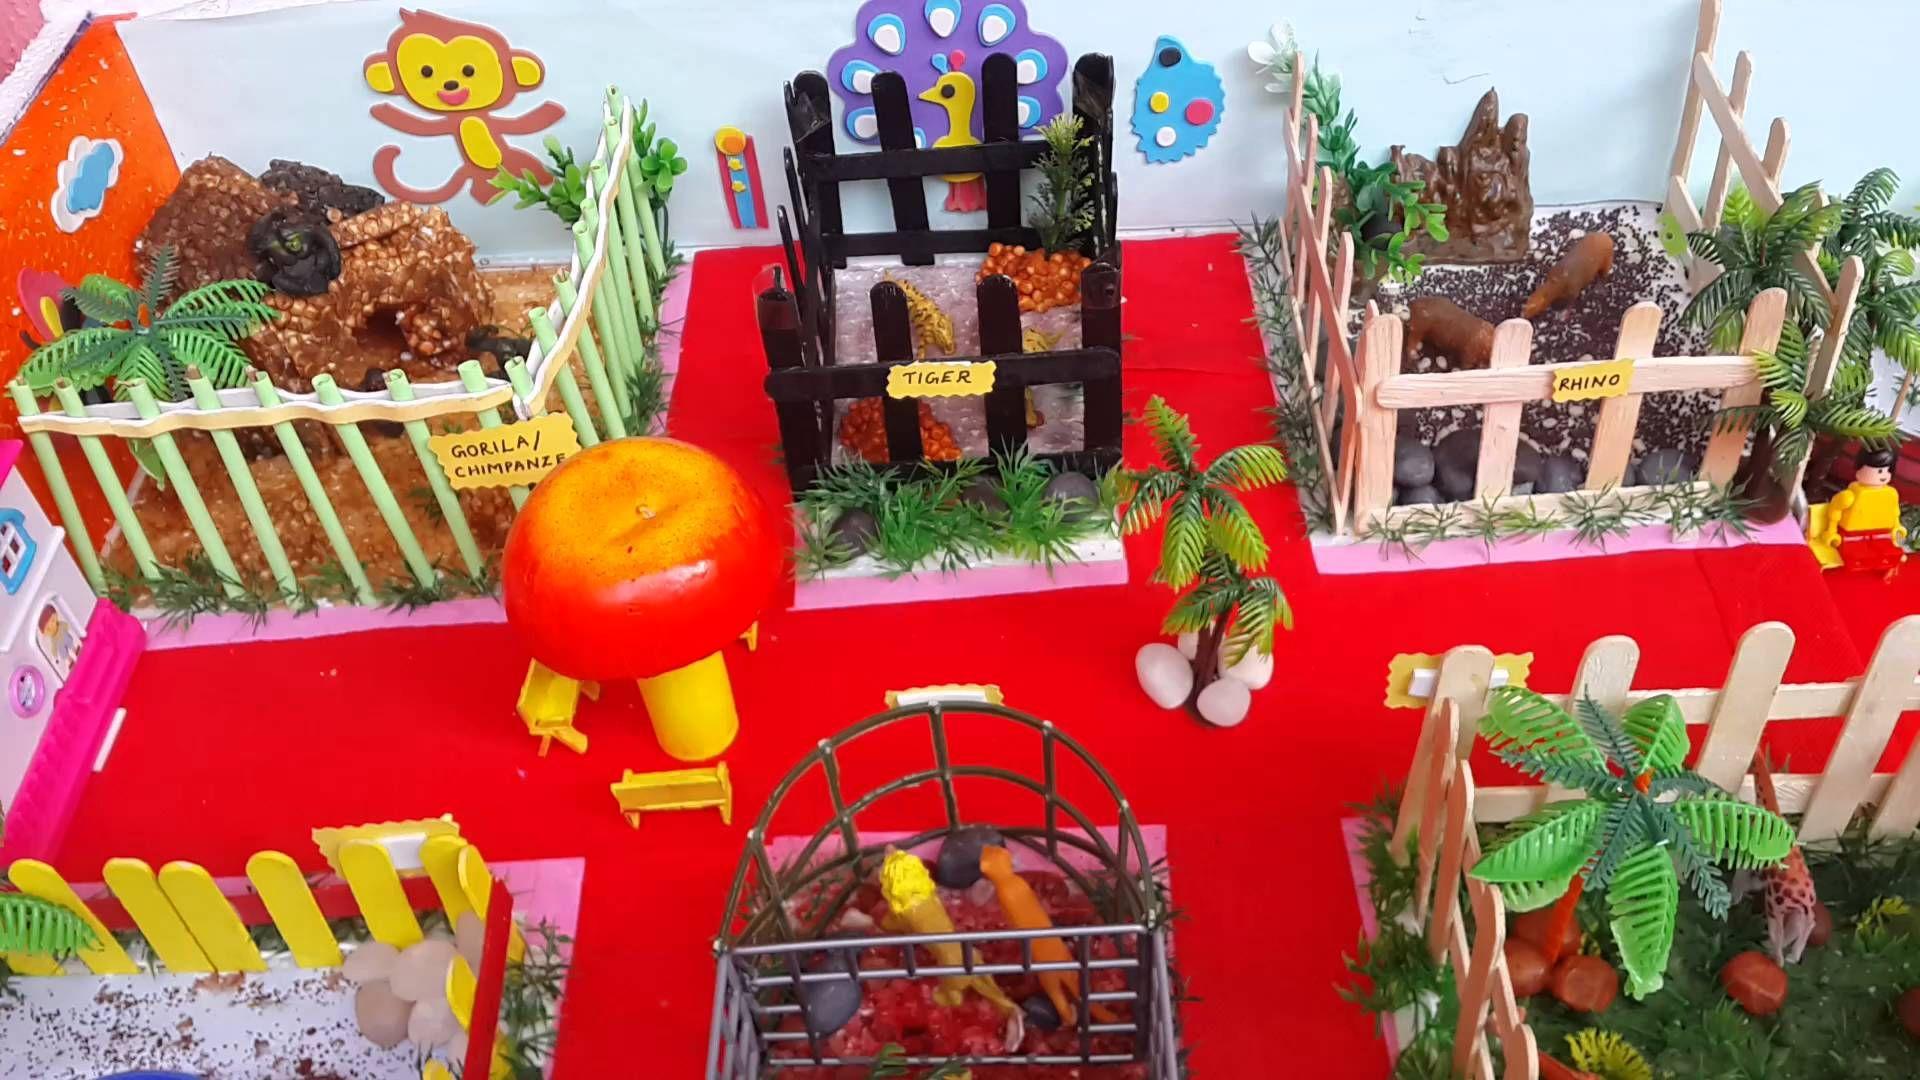 Zoo Model For Kids